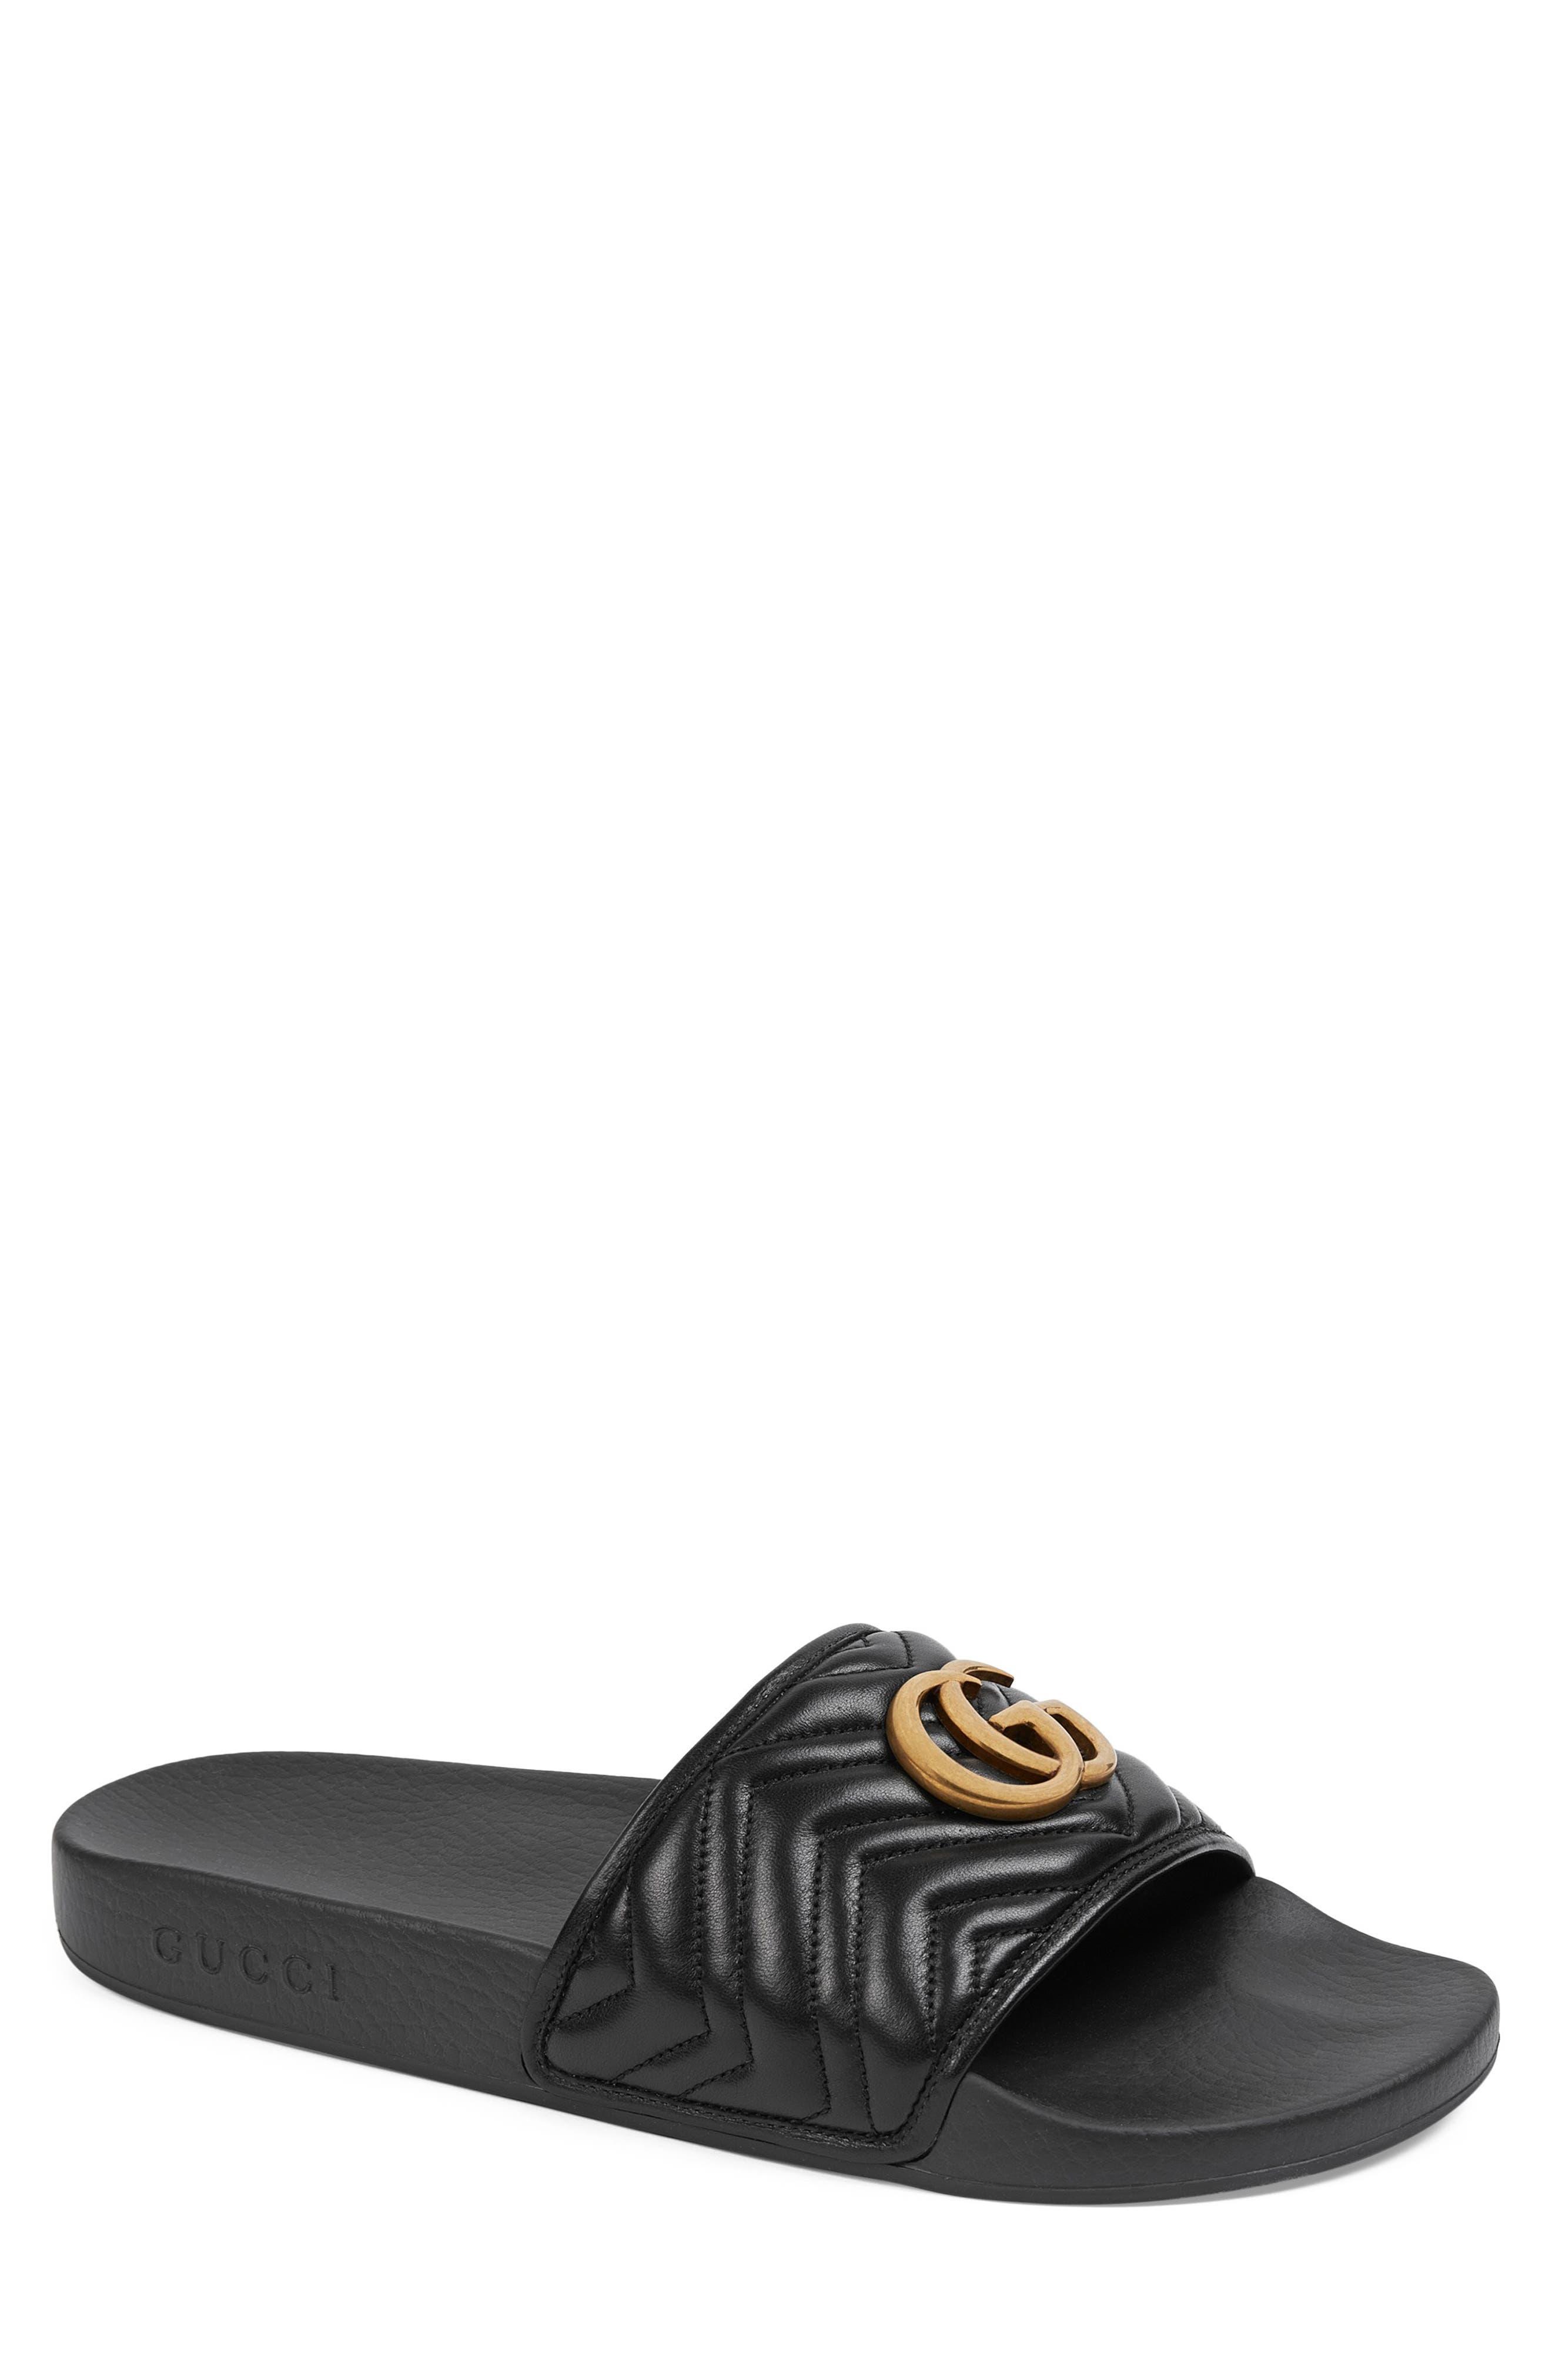 gucci flip flops for men